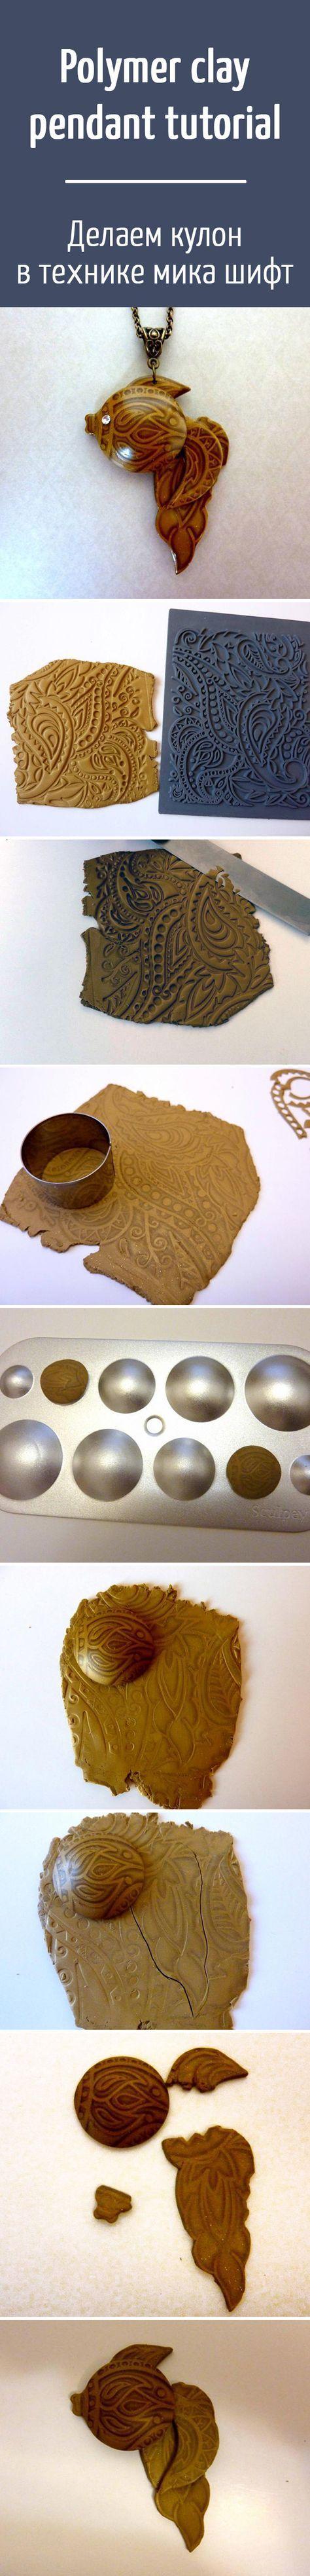 Polymer clay pendant tutorial / Делаем кулон из полимерной глины в технике «мика шифт»